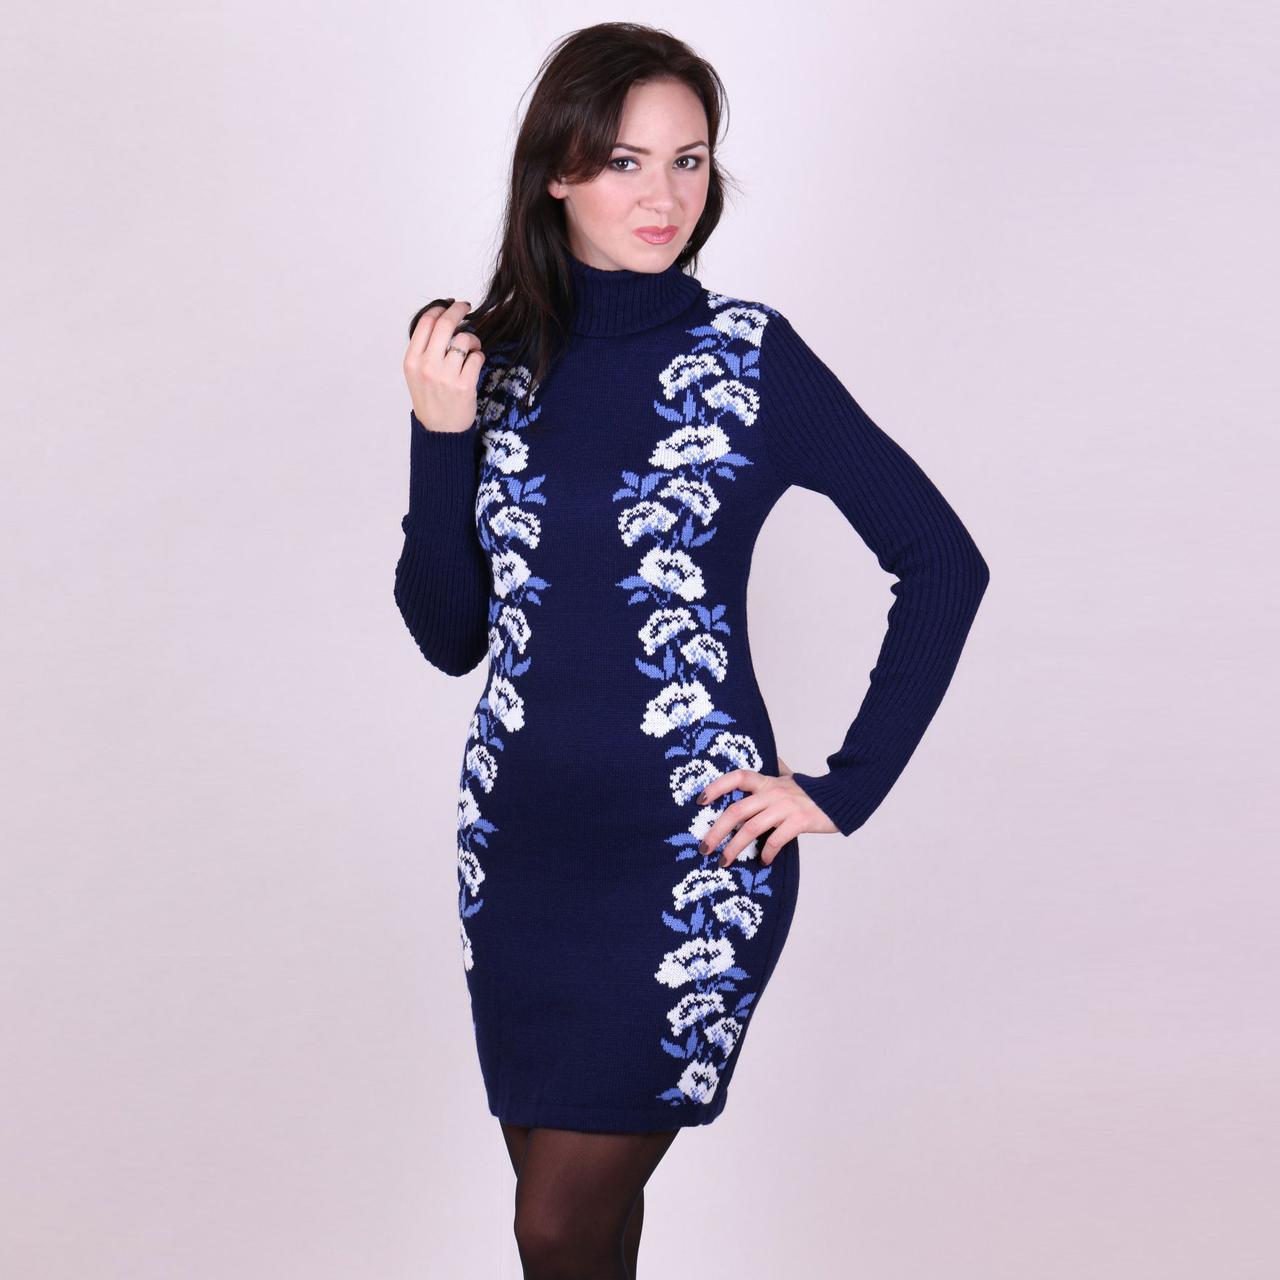 Синее вязаное платье Маки с цветочным орнаментом